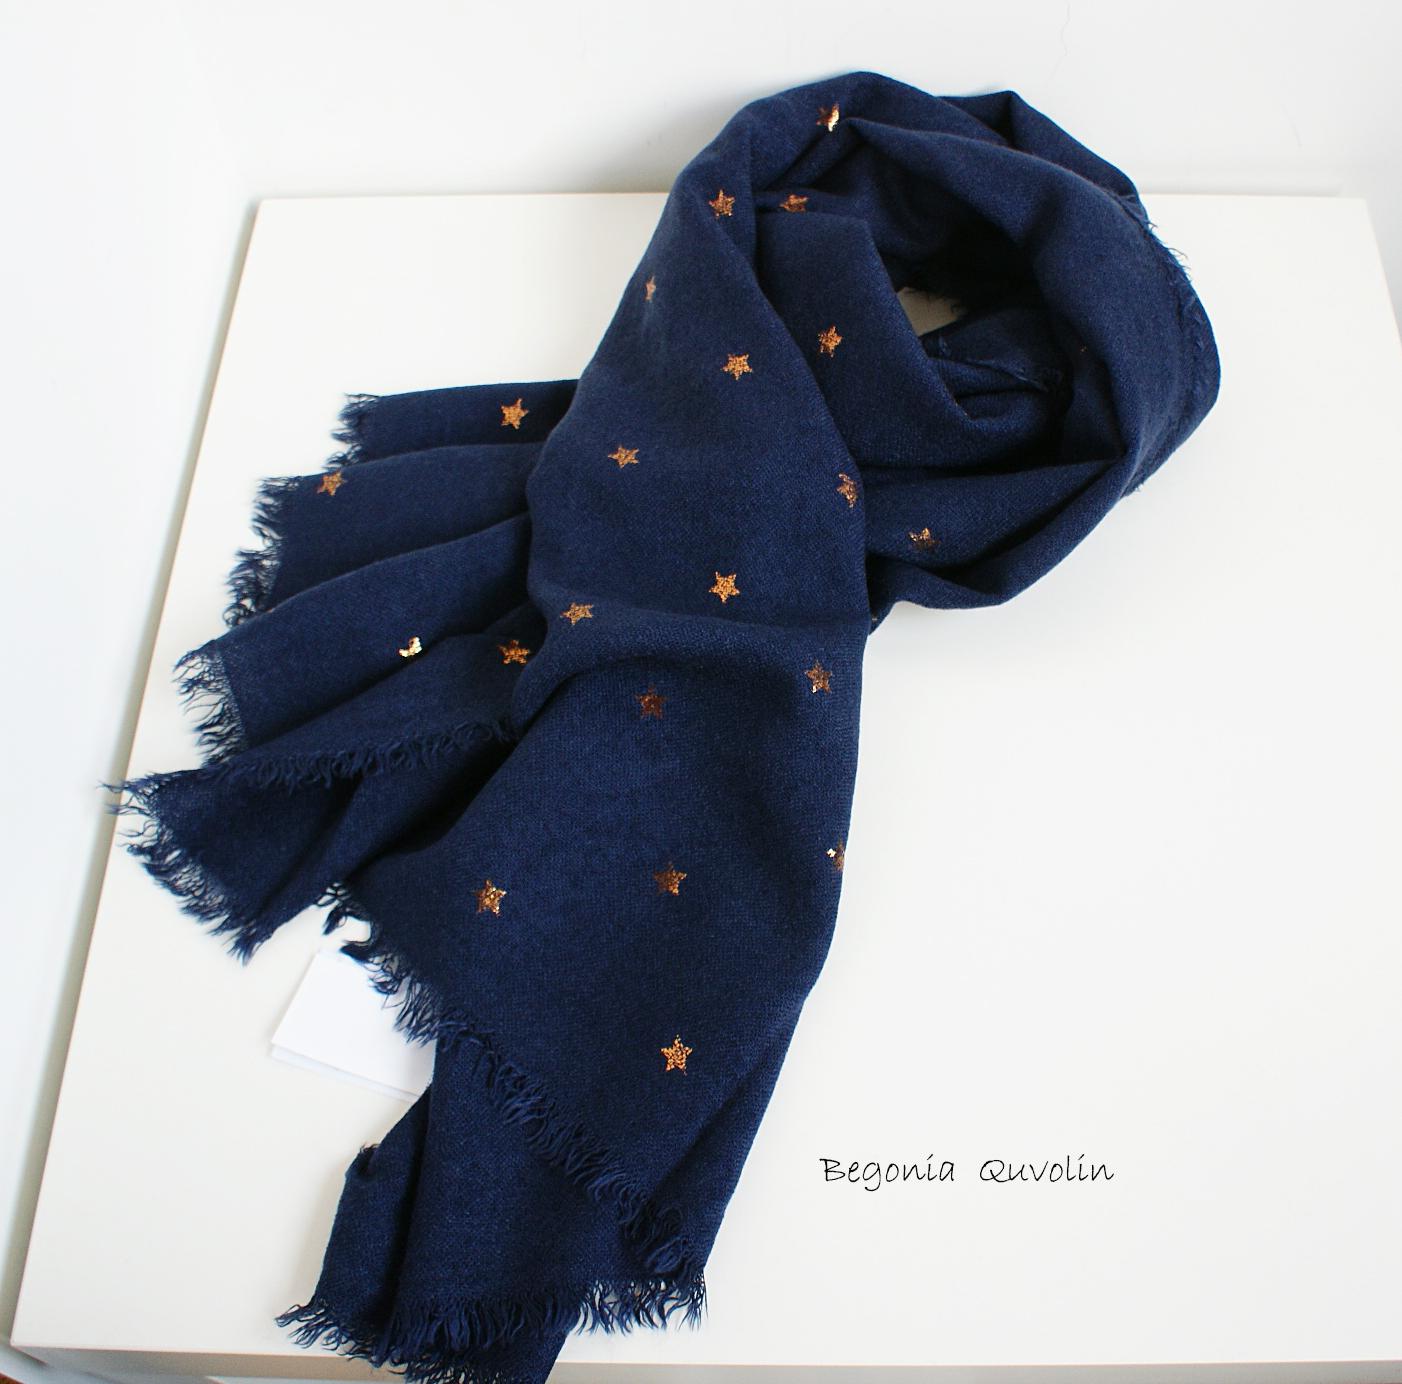 2020出口精工星星蓝黑色烫金流苏仿羊绒羊毛日韩长款冬季围巾披肩